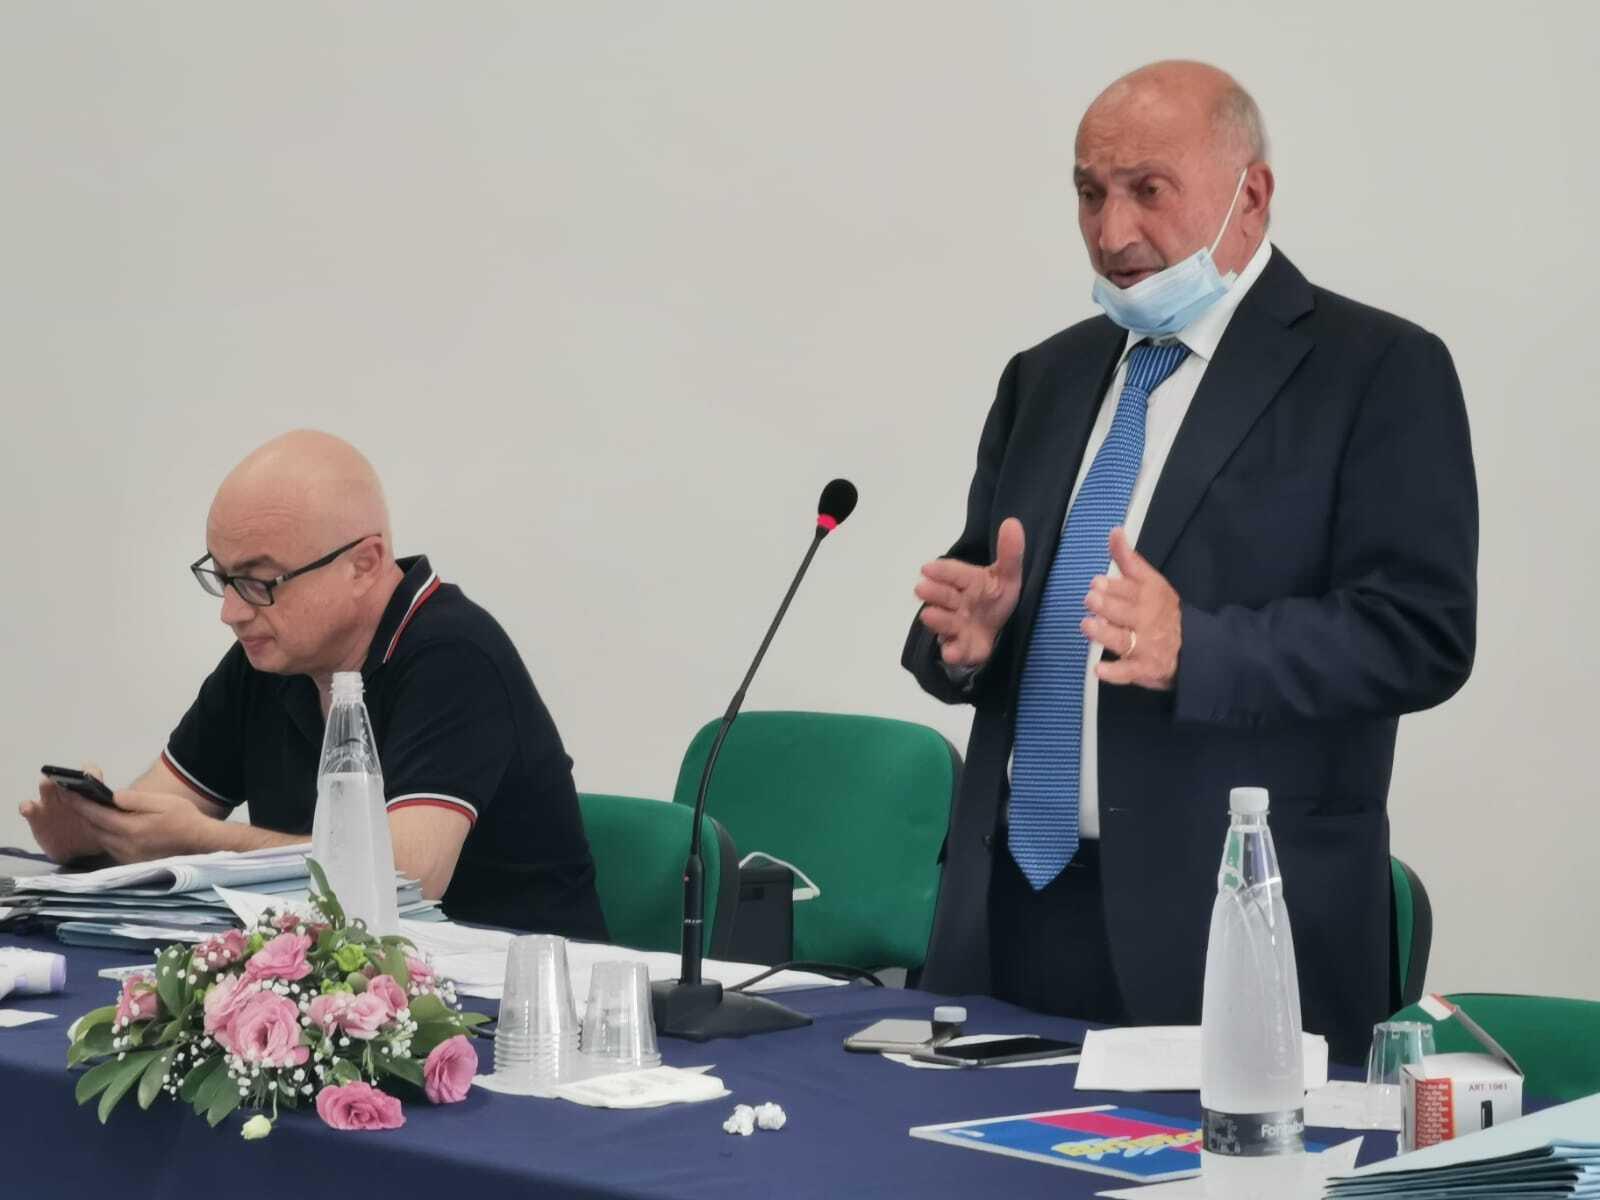 PIPPO RICCIARDELLO PRESIDENTE - Rinnovate le cariche sociali di Ance Messina Ricciardello confermato ai vertici dellassociazione